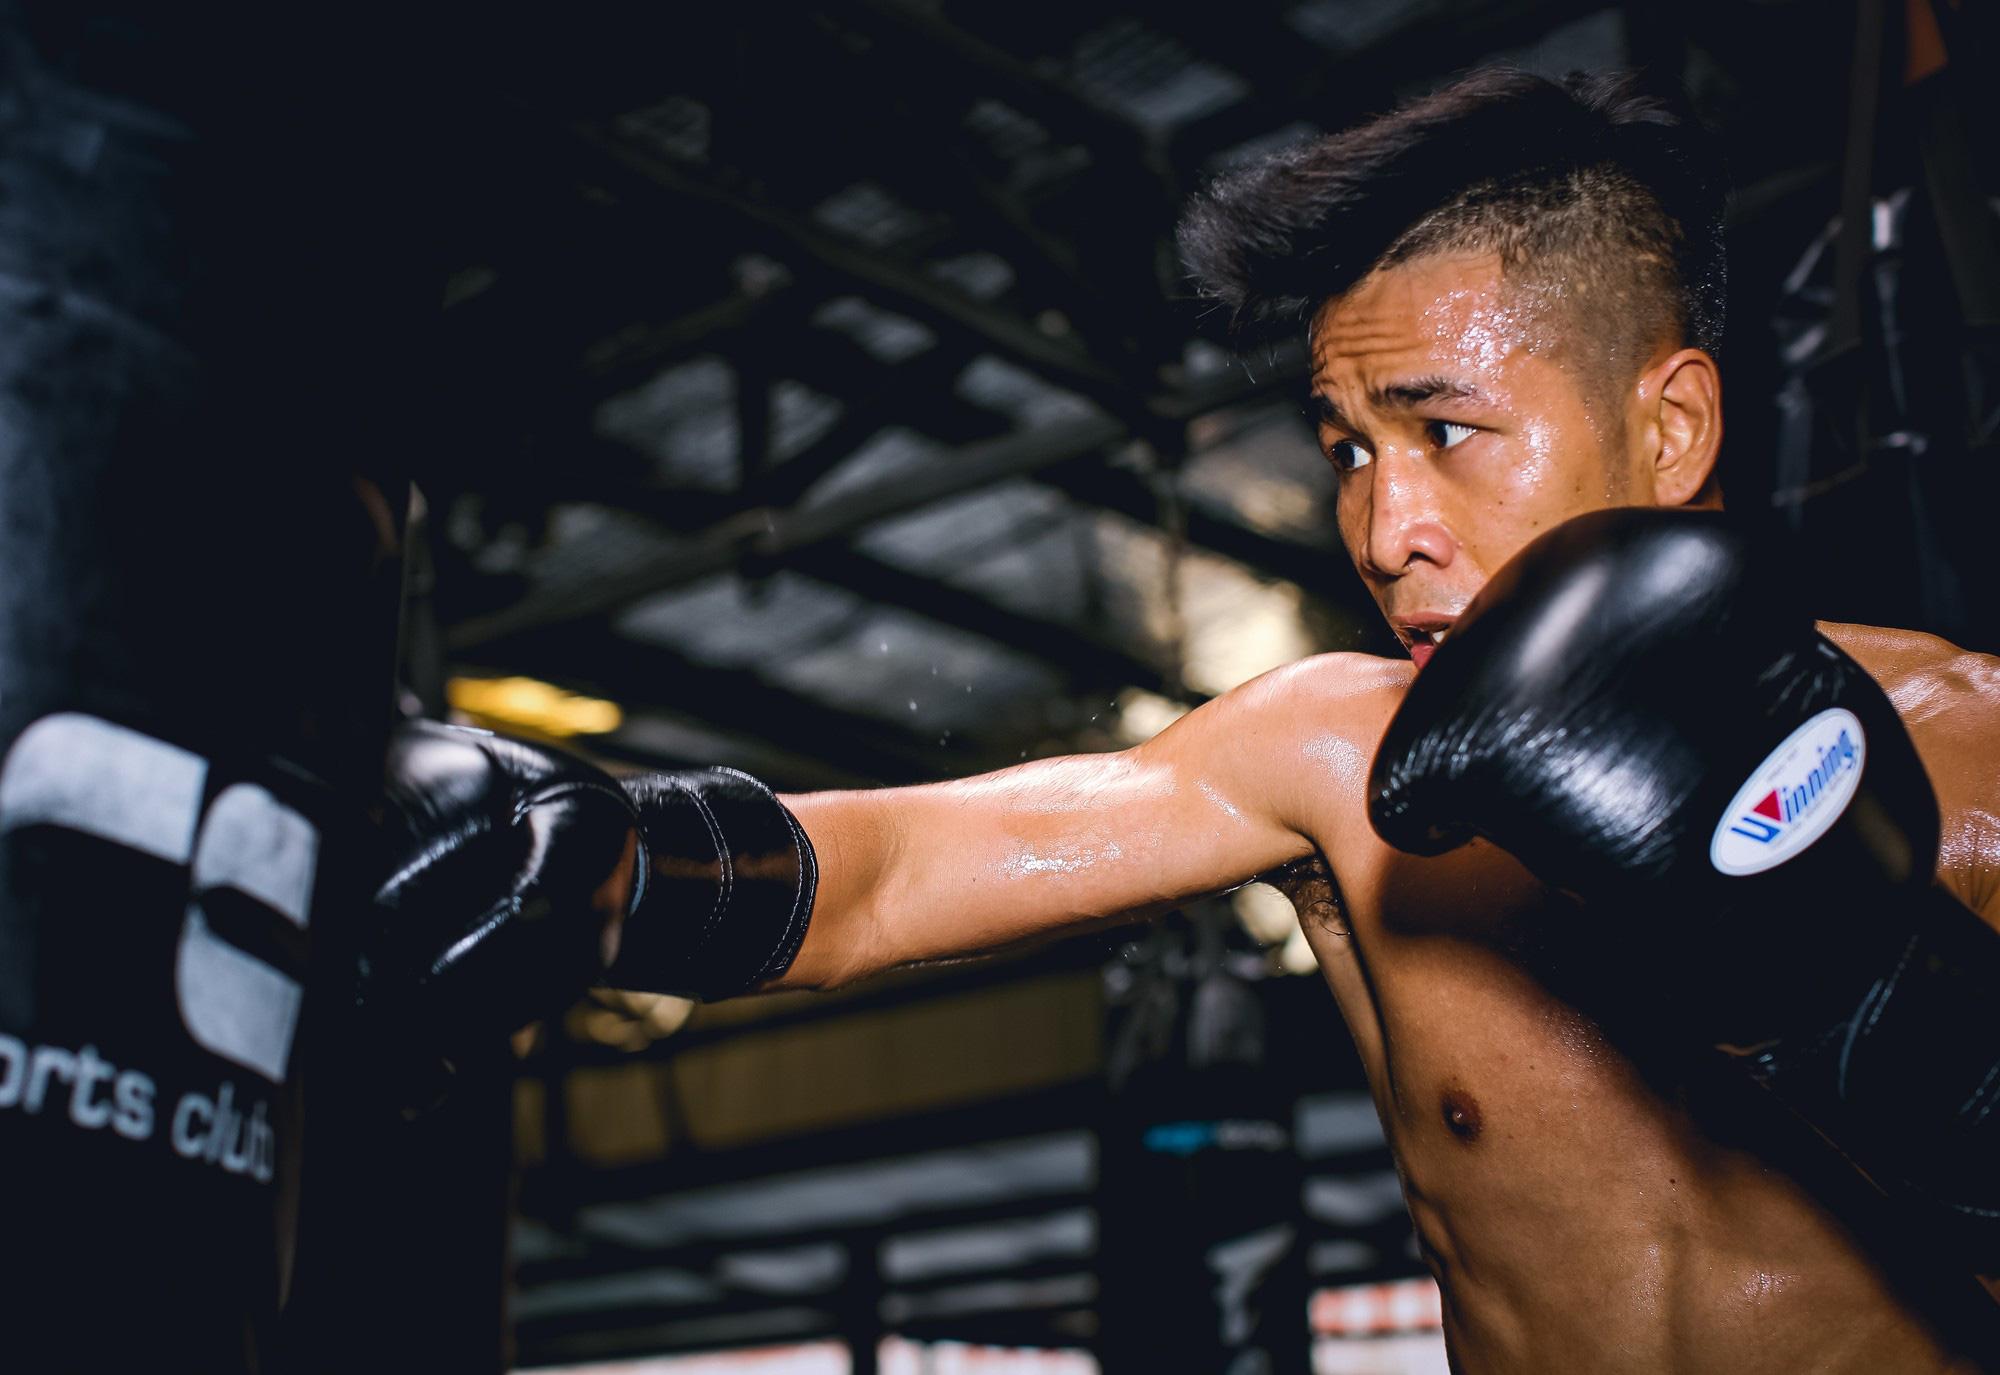 Nhà vô địch quyền anh châu Á Trần Văn Thảo bị hạ  bởi cô gái Vũng Tàu - Ảnh 2.